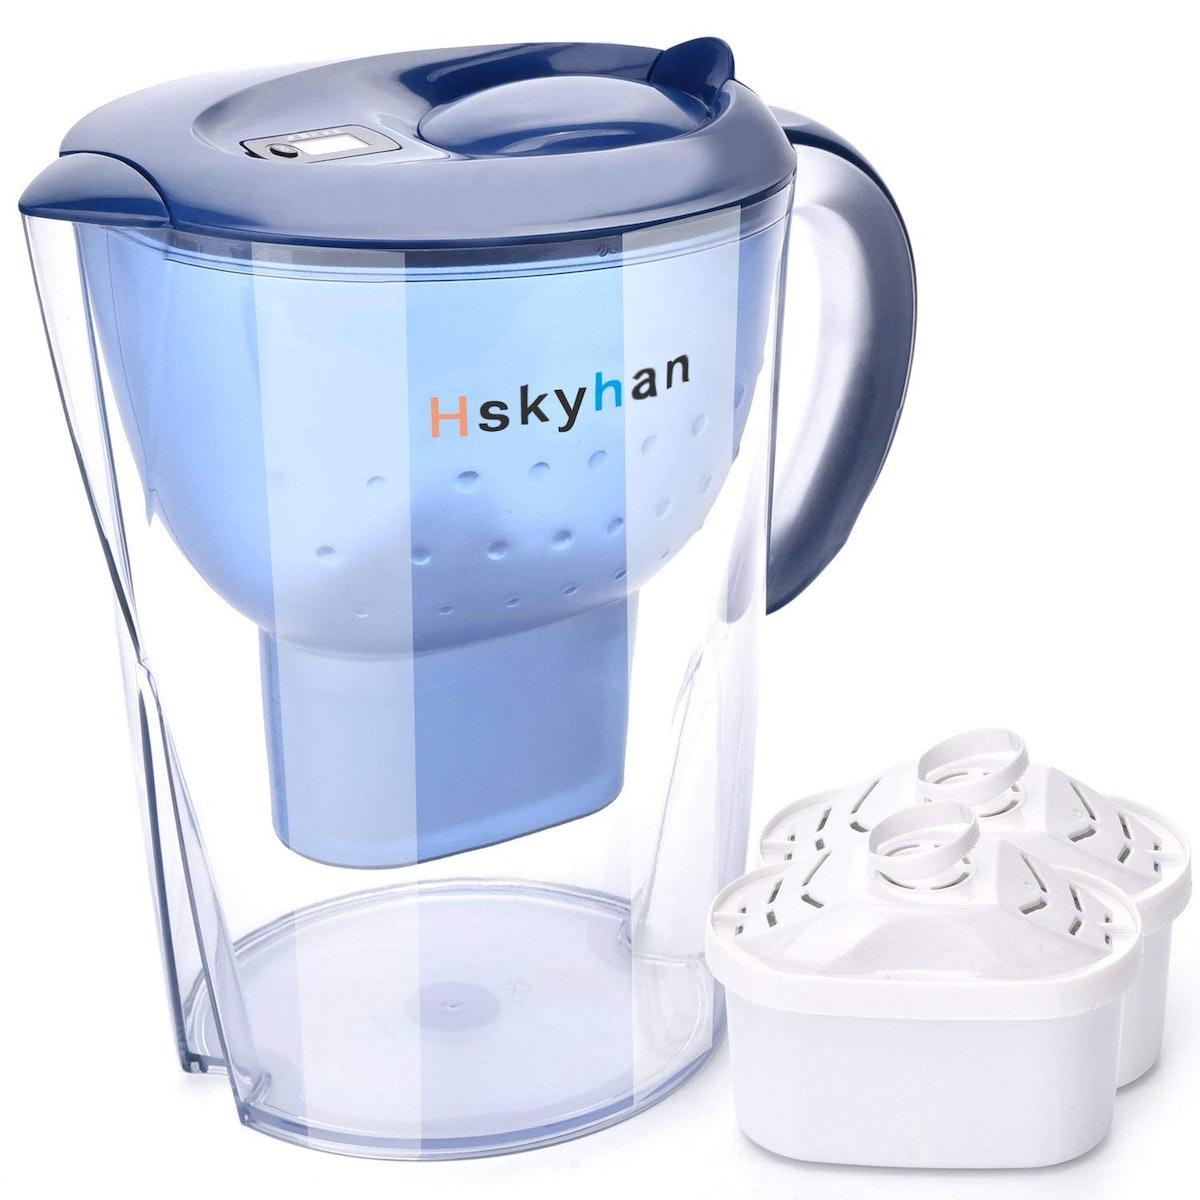 Hskyhan Alkaline Water Pitcher